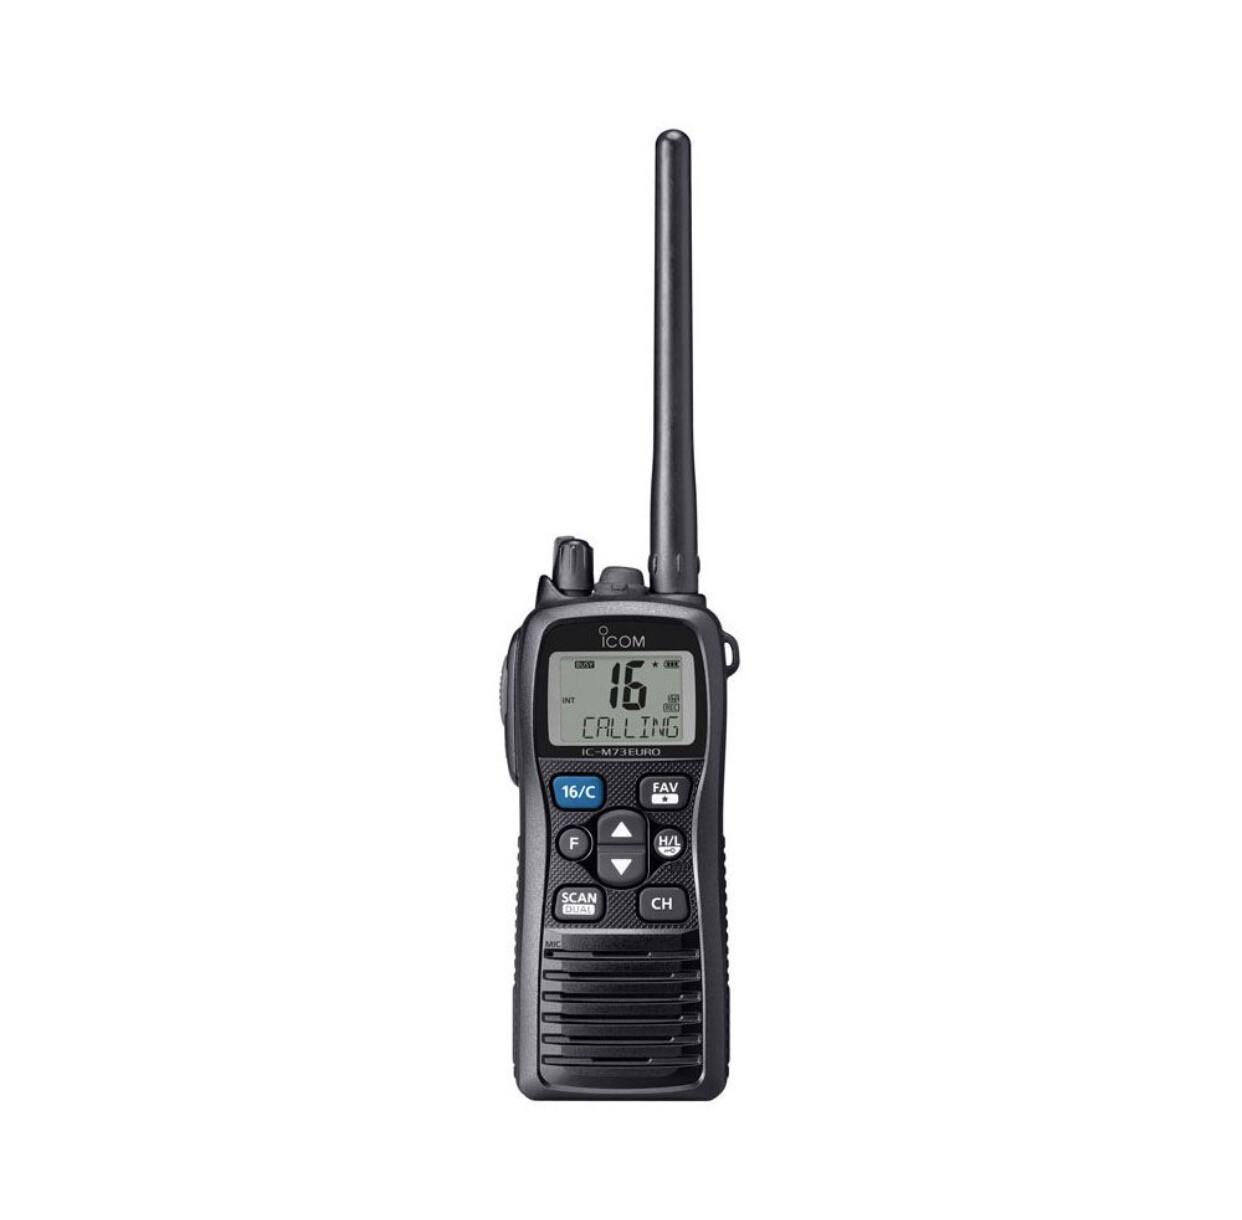 ICOM M73 PLUS Professional VHF Waterproof Handheld Radio